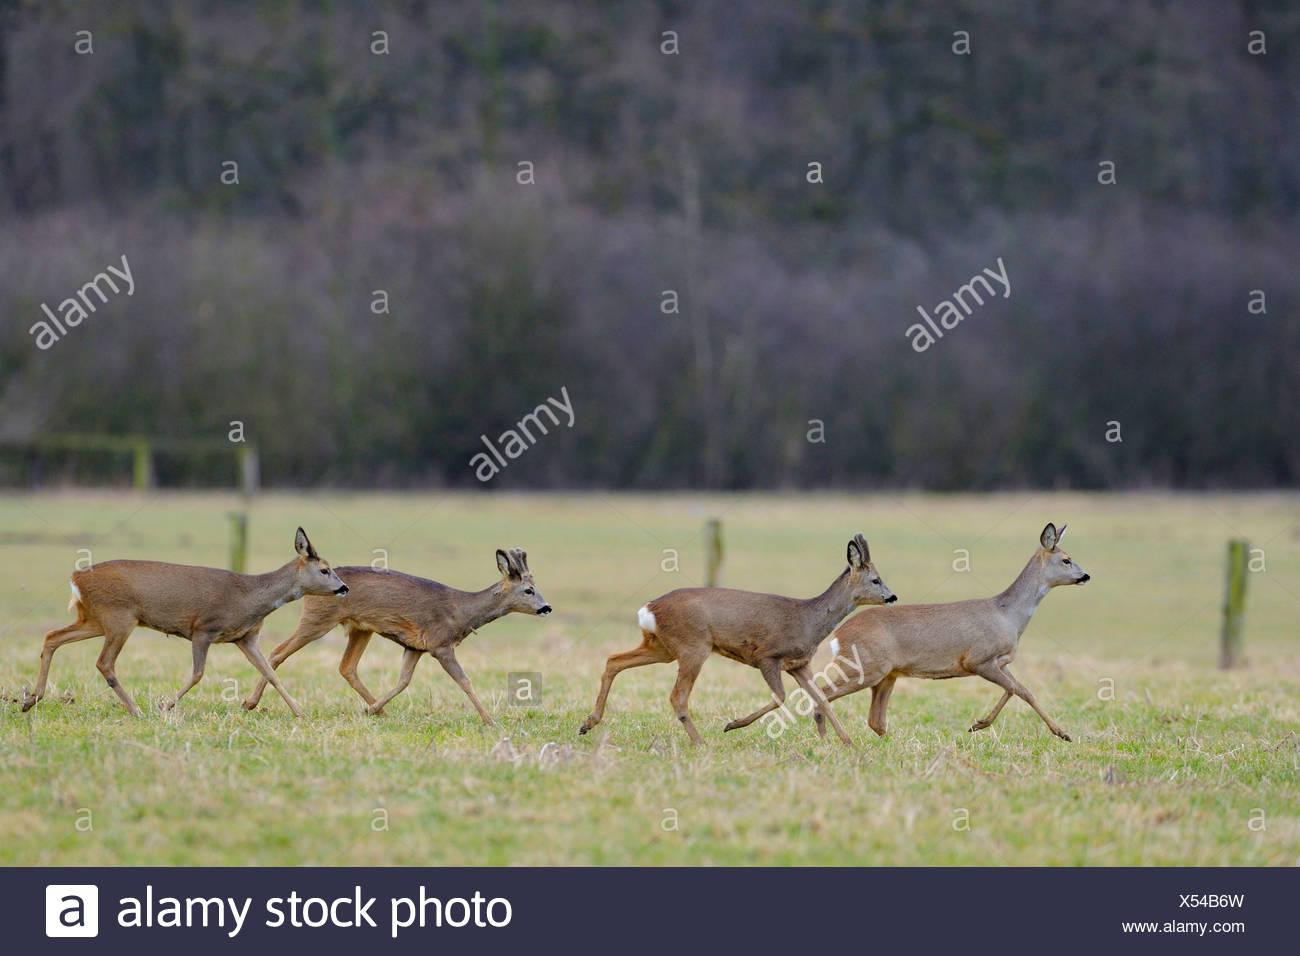 El corzo (Capreolus capreolus), pack cruzando una pradera, Alemania Imagen De Stock